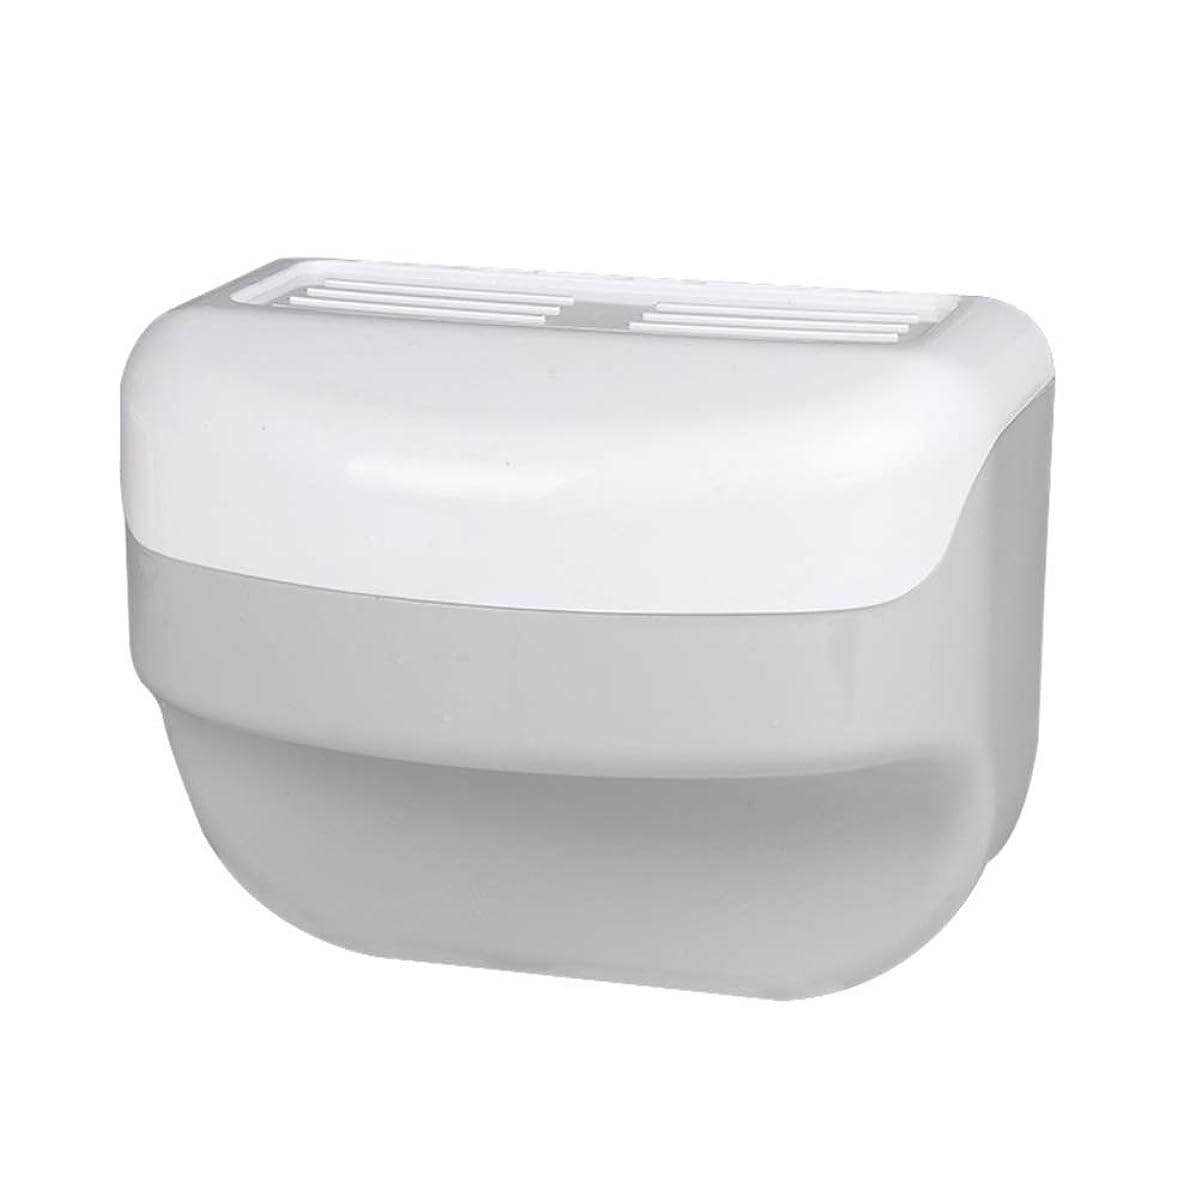 硬さ生きる組み合わせるTOPBATHY 浴室トイレティッシュボックスラック壁吸盤ロールホルダーフリー掘削ネイルフリーティッシュボックス